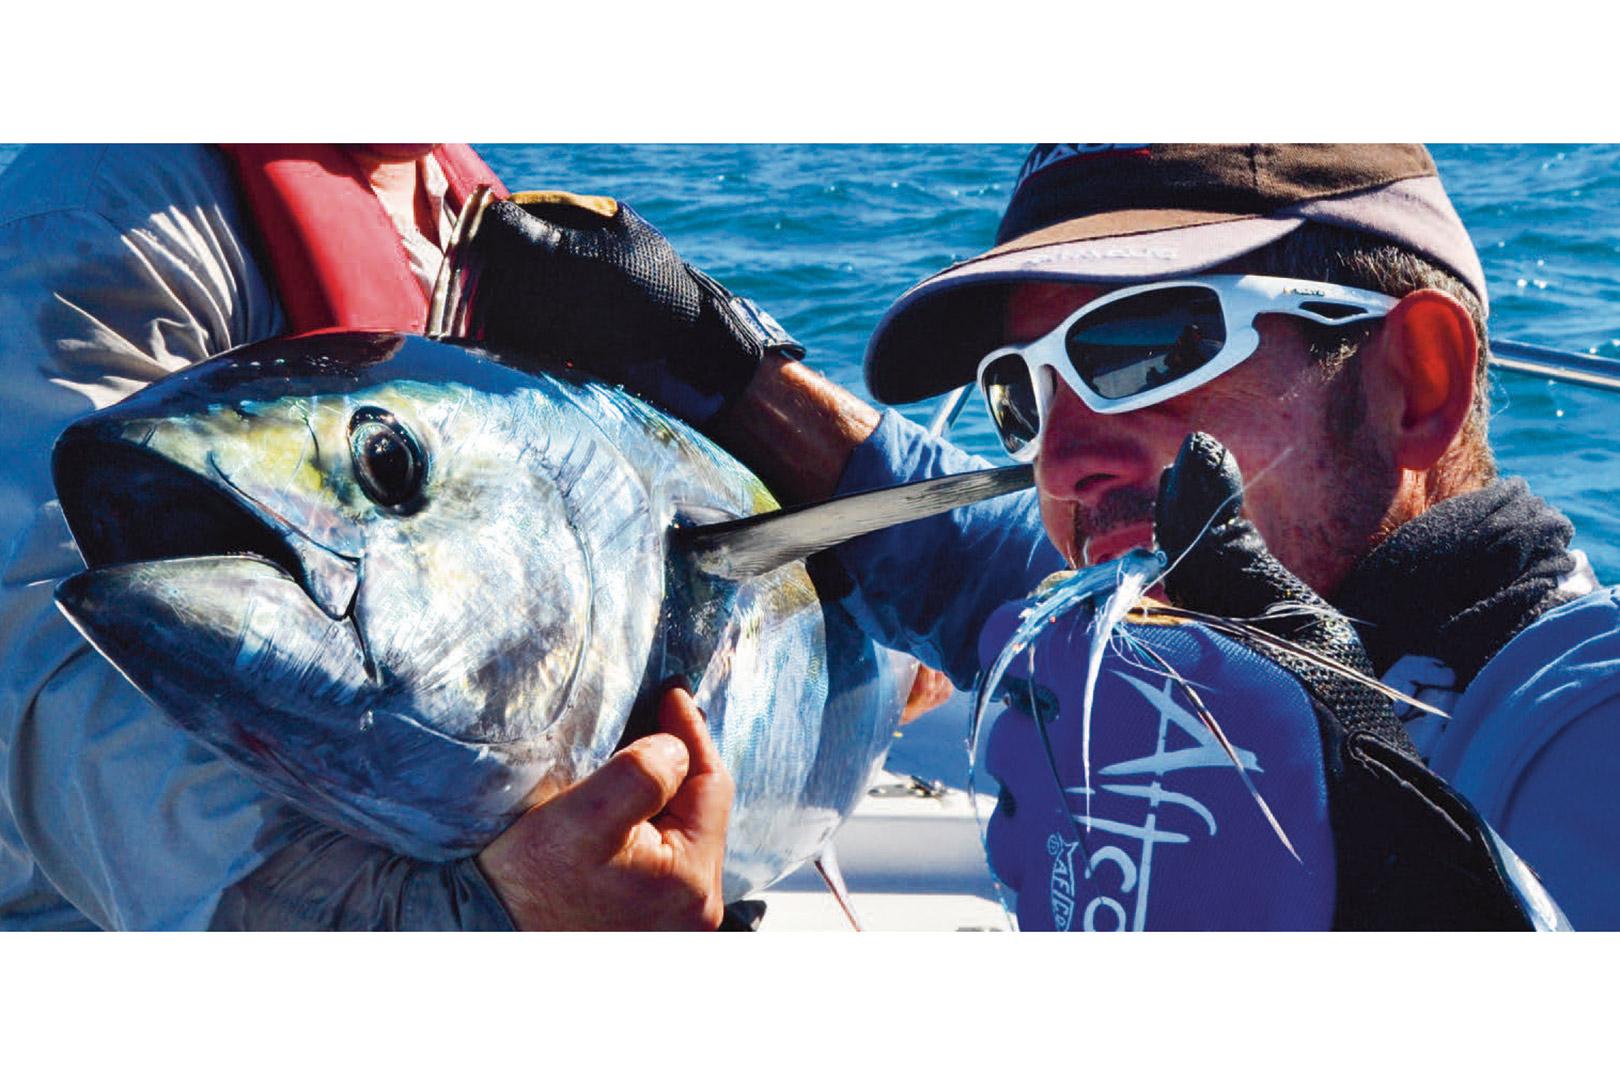 """""""Fusk"""" med turens første fluefangede blåfinnet tun! En fisk på 50lb der pressede #12 grejet til det yderste... en """"let"""" #12 stang kan være fristende da de er meget let kastende ifht. de tungere stænger men det anbefales at have tungere udrustning om bord hvis man skulle rende i større fisk og der skal være mulighed for at genudsætte dem igen."""